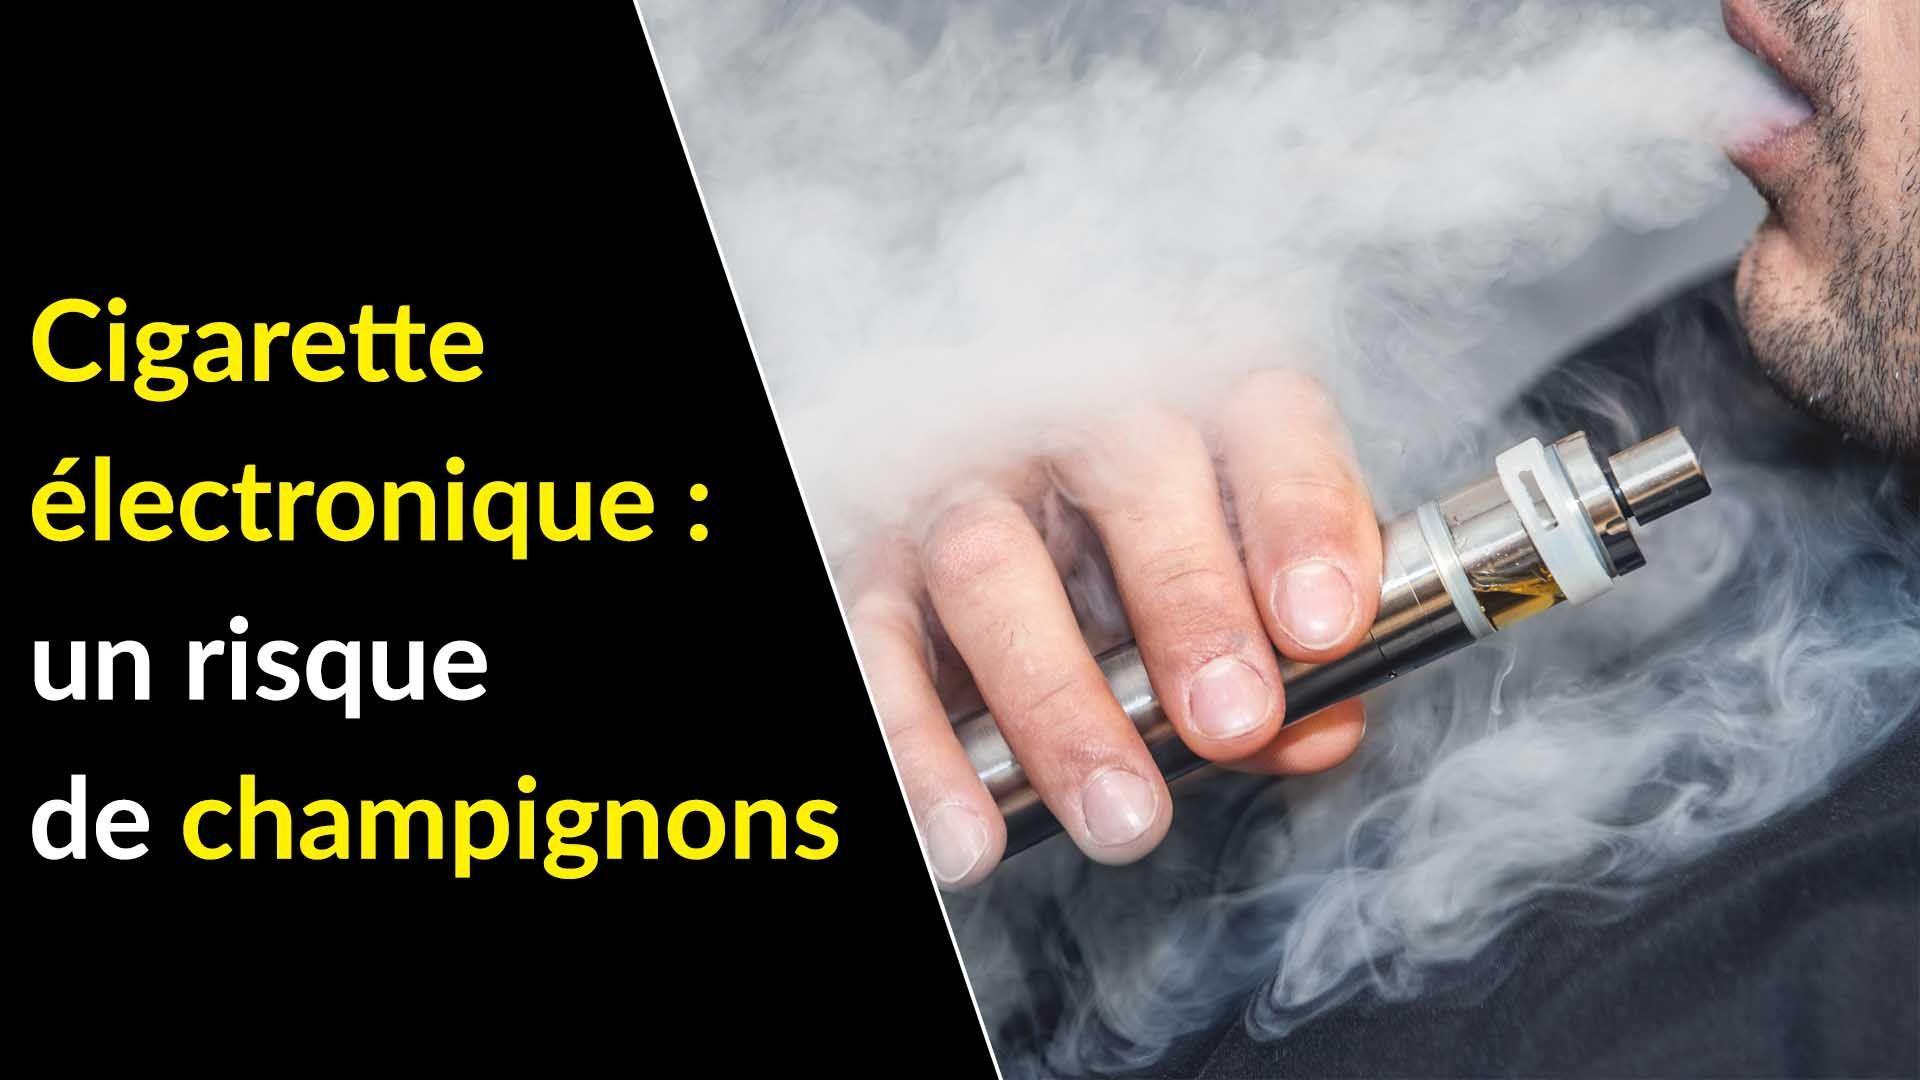 La cigarette électronique favorise les champignons dans la bouche